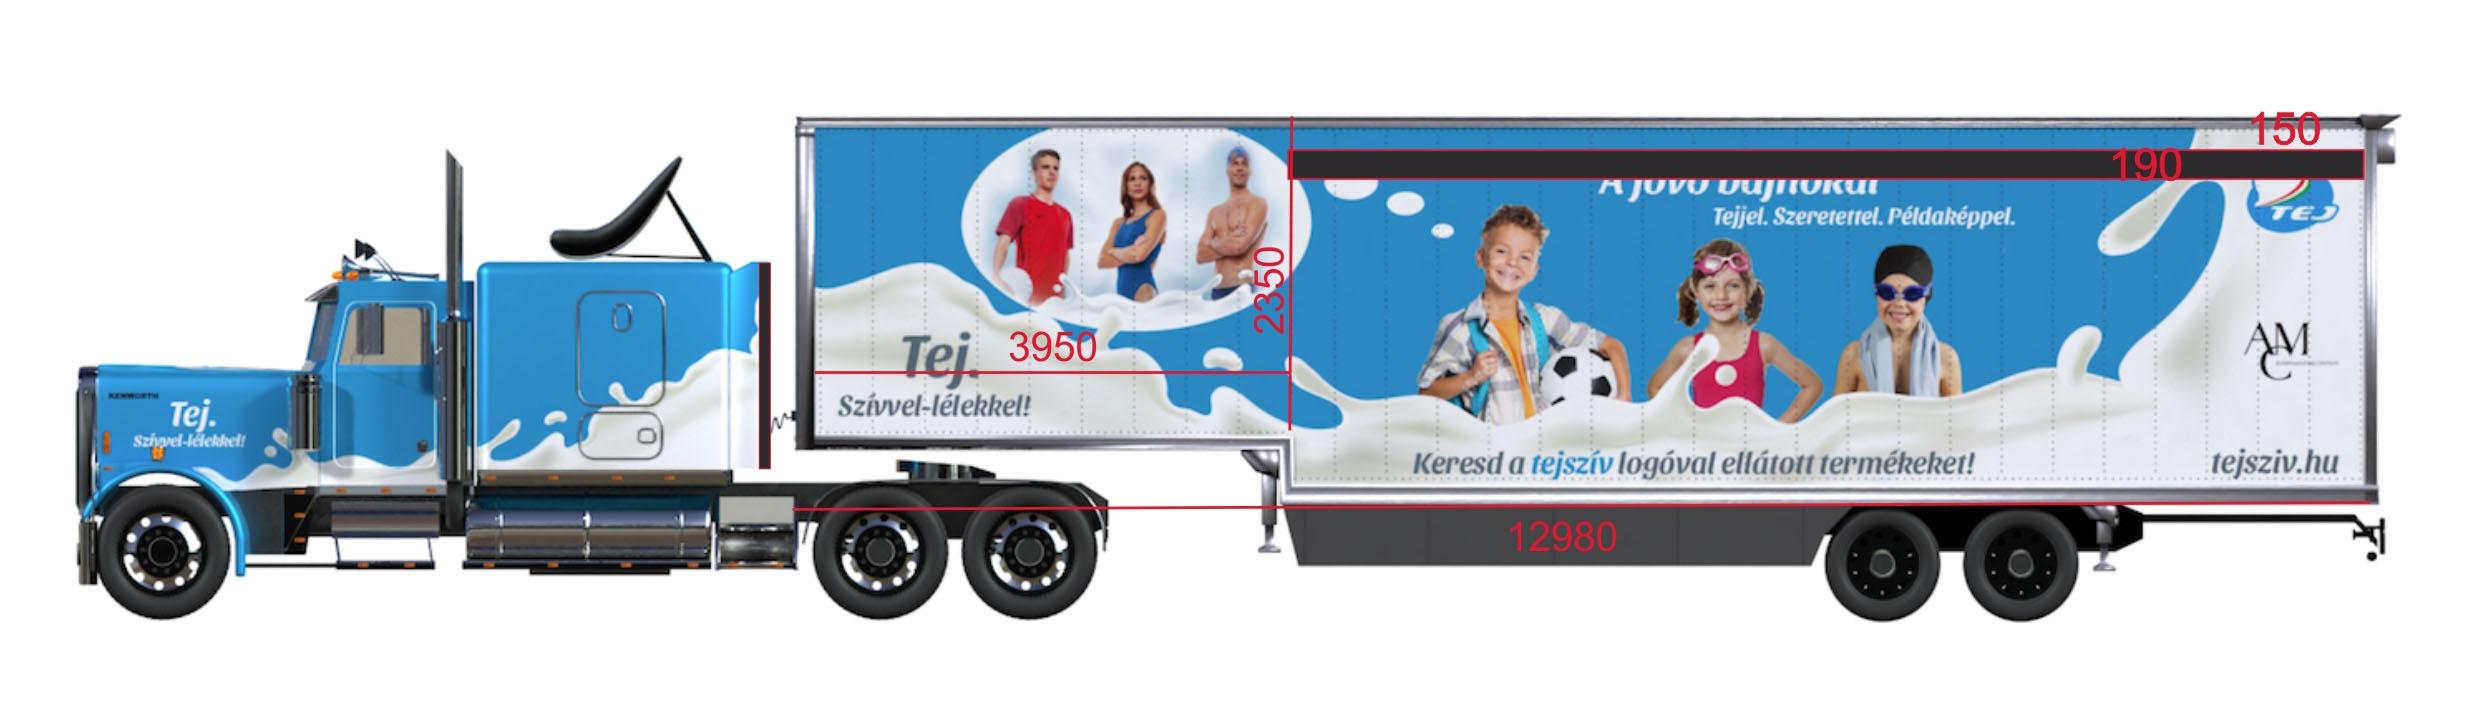 Roadshow kamion Tej